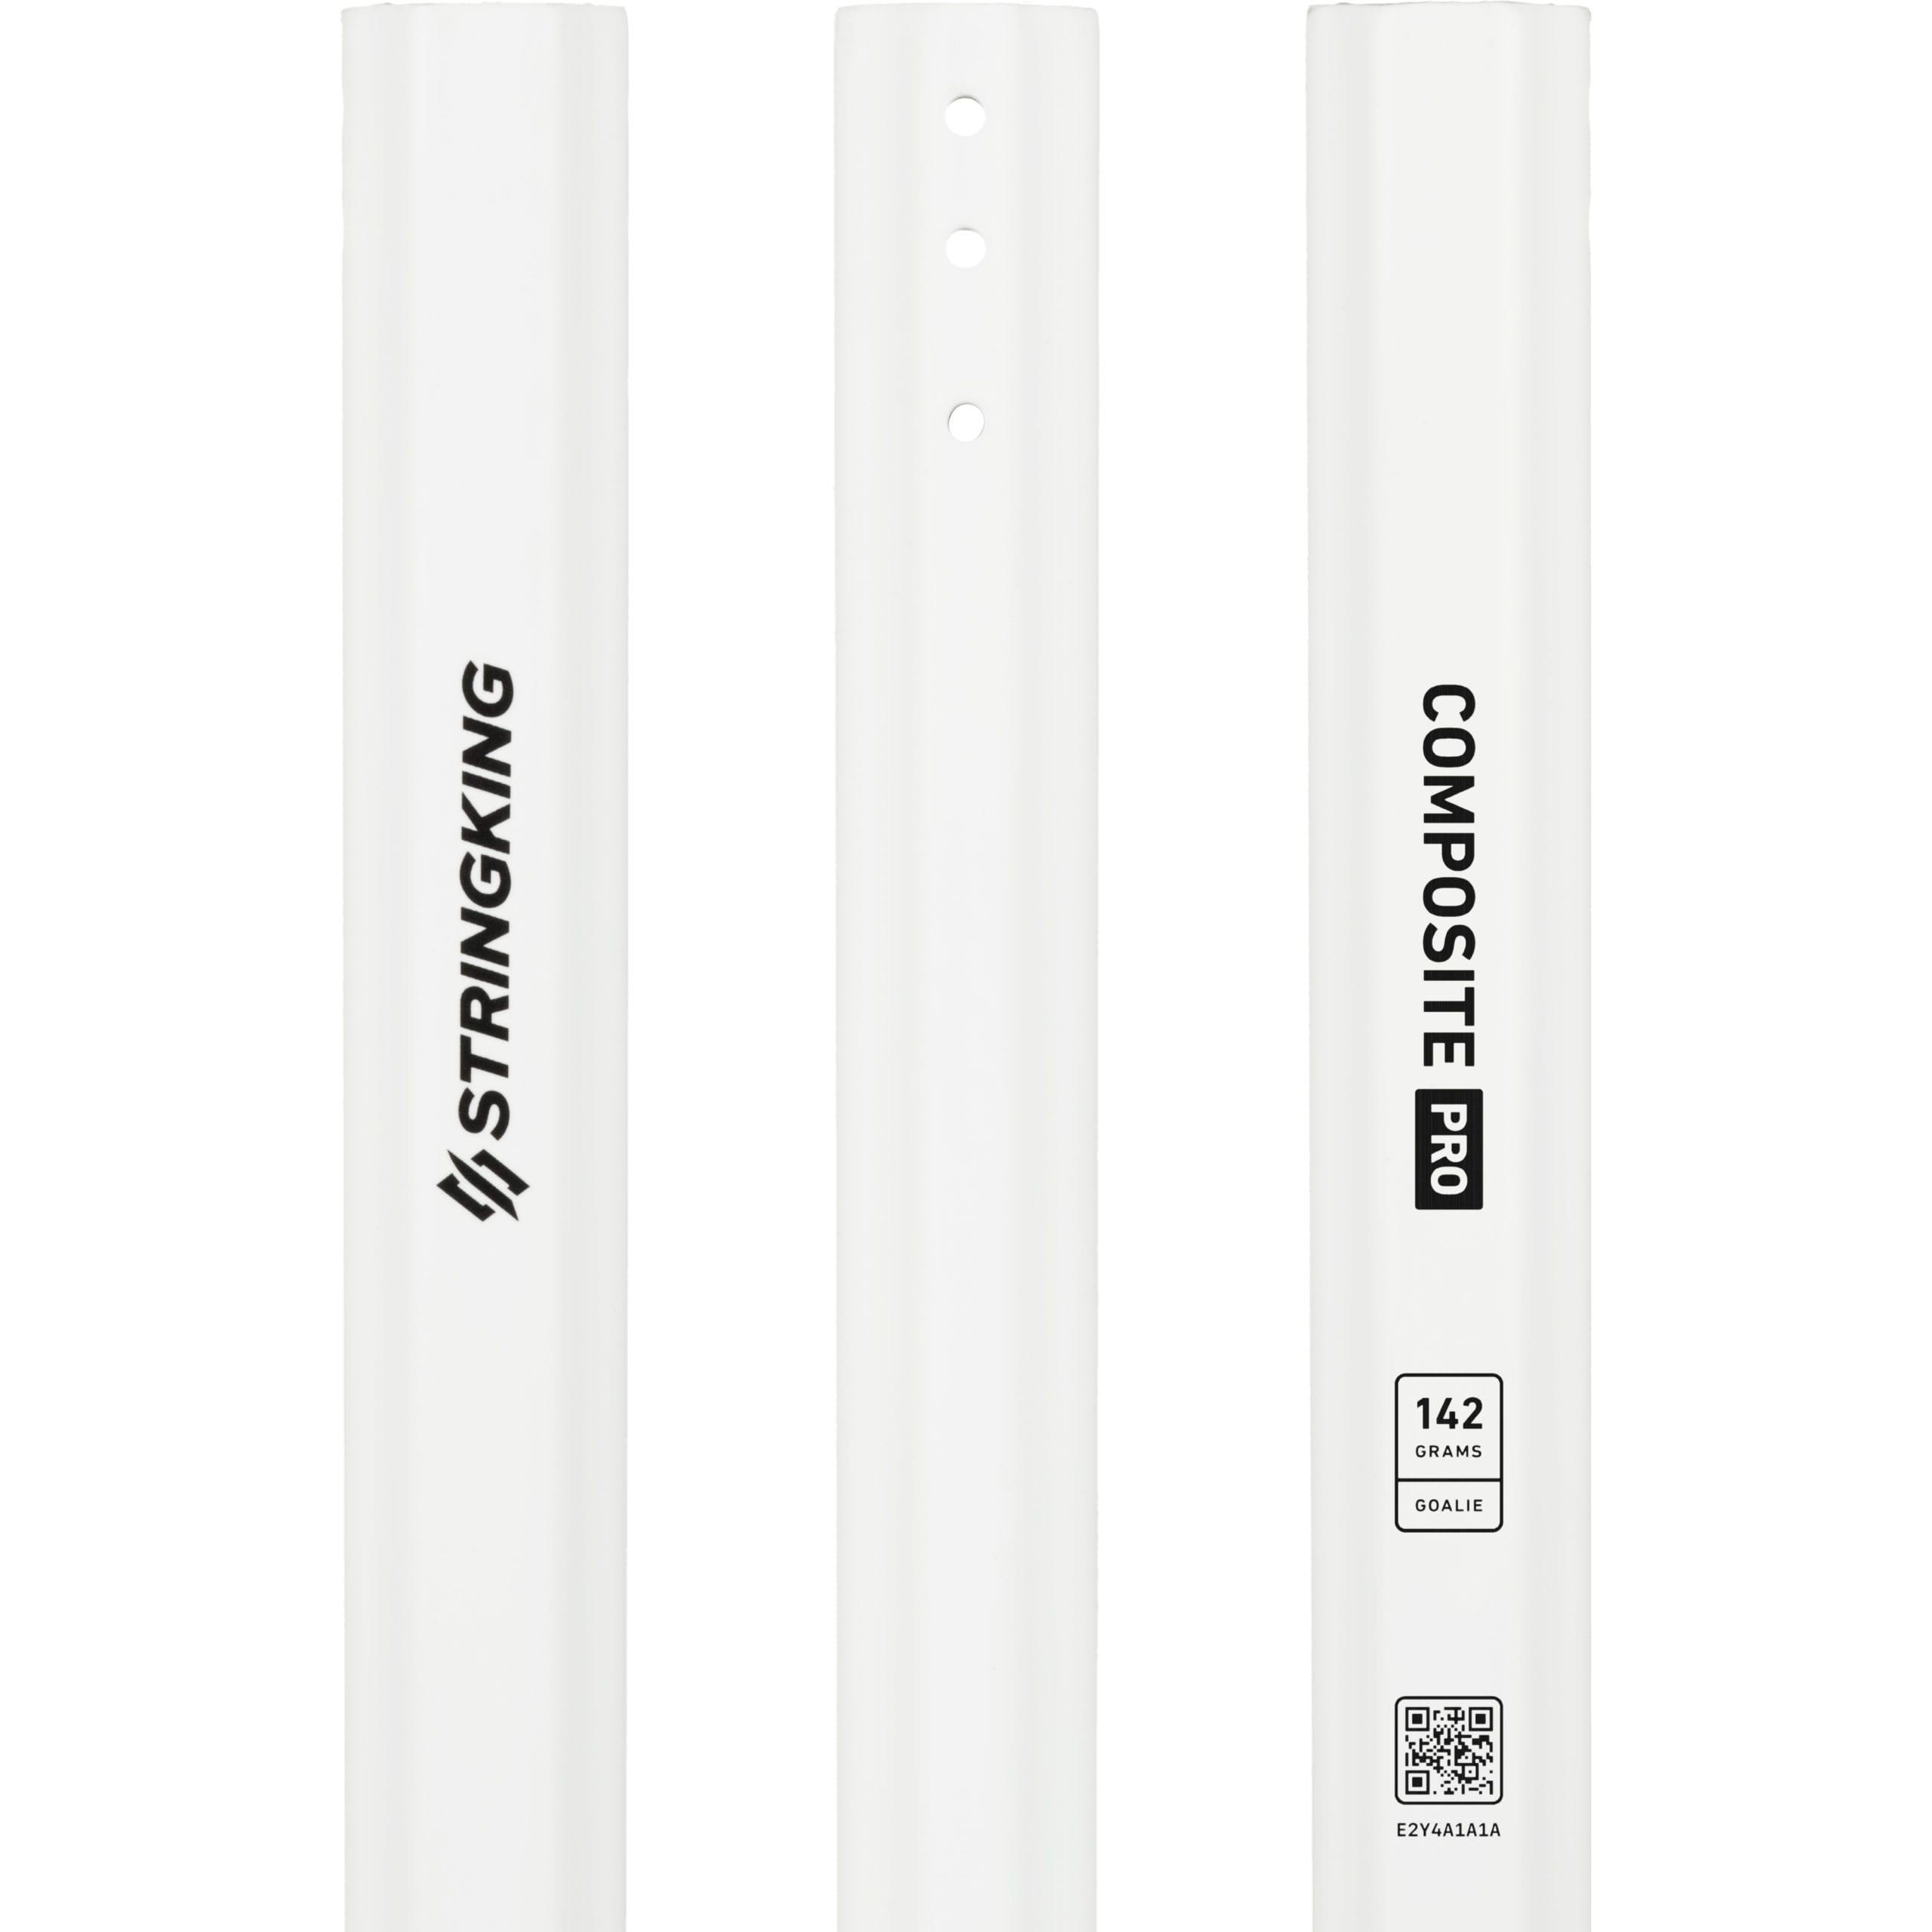 StringKing-Mens-Composite-Pro-142-Goalie-Lacrosse-Shaft-White-Triple-View-scaled-1.jpg